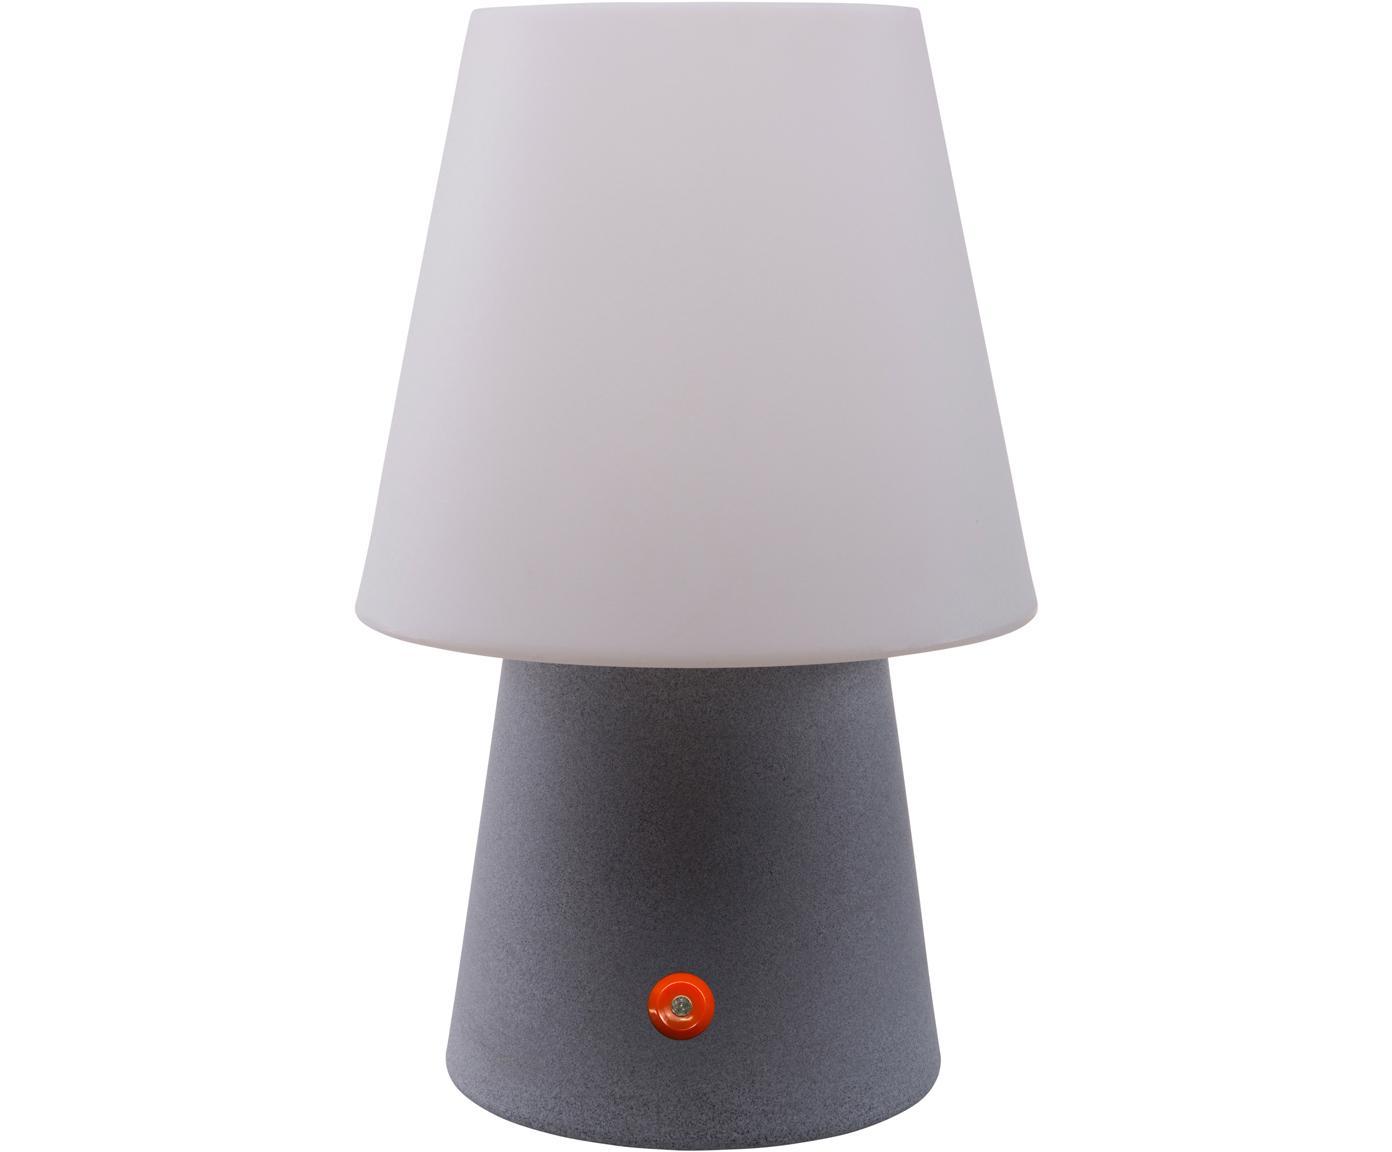 Lampada da tavolo da esterno portatile No. 1, Materiale sintetico, Bianco, grigio, Ø 18 x Alt. 29 cm